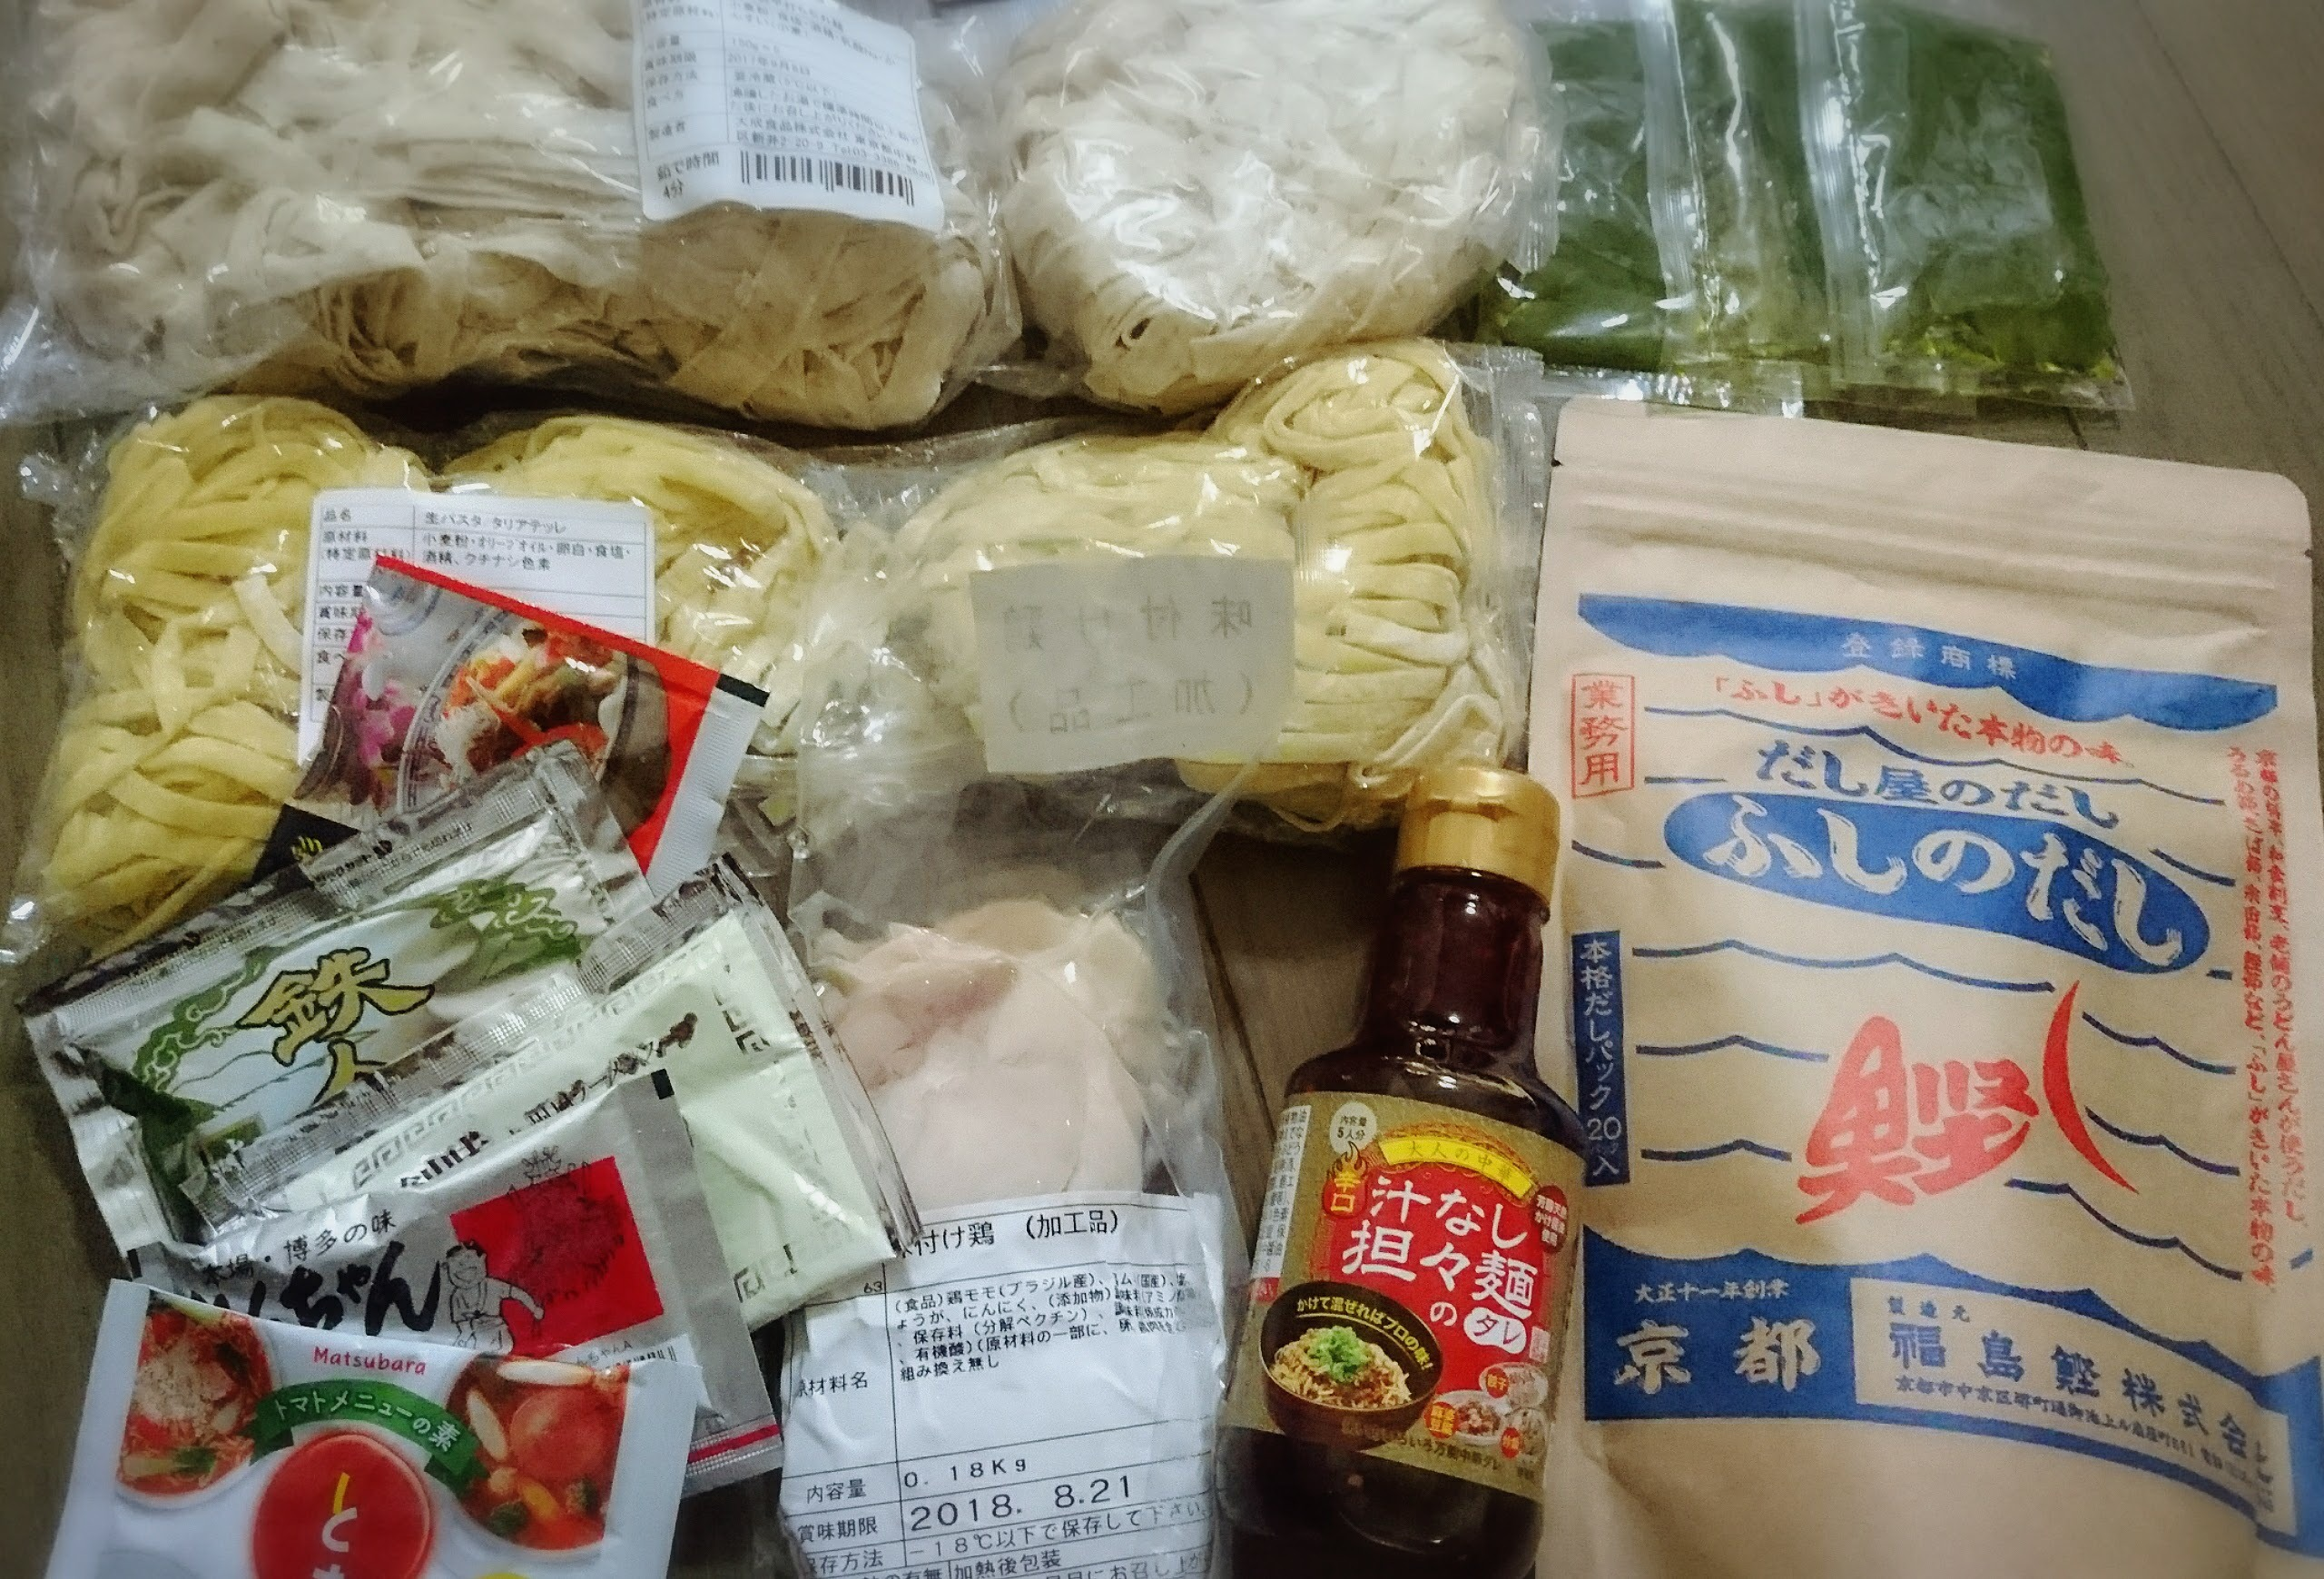 大成麺市場買い物例